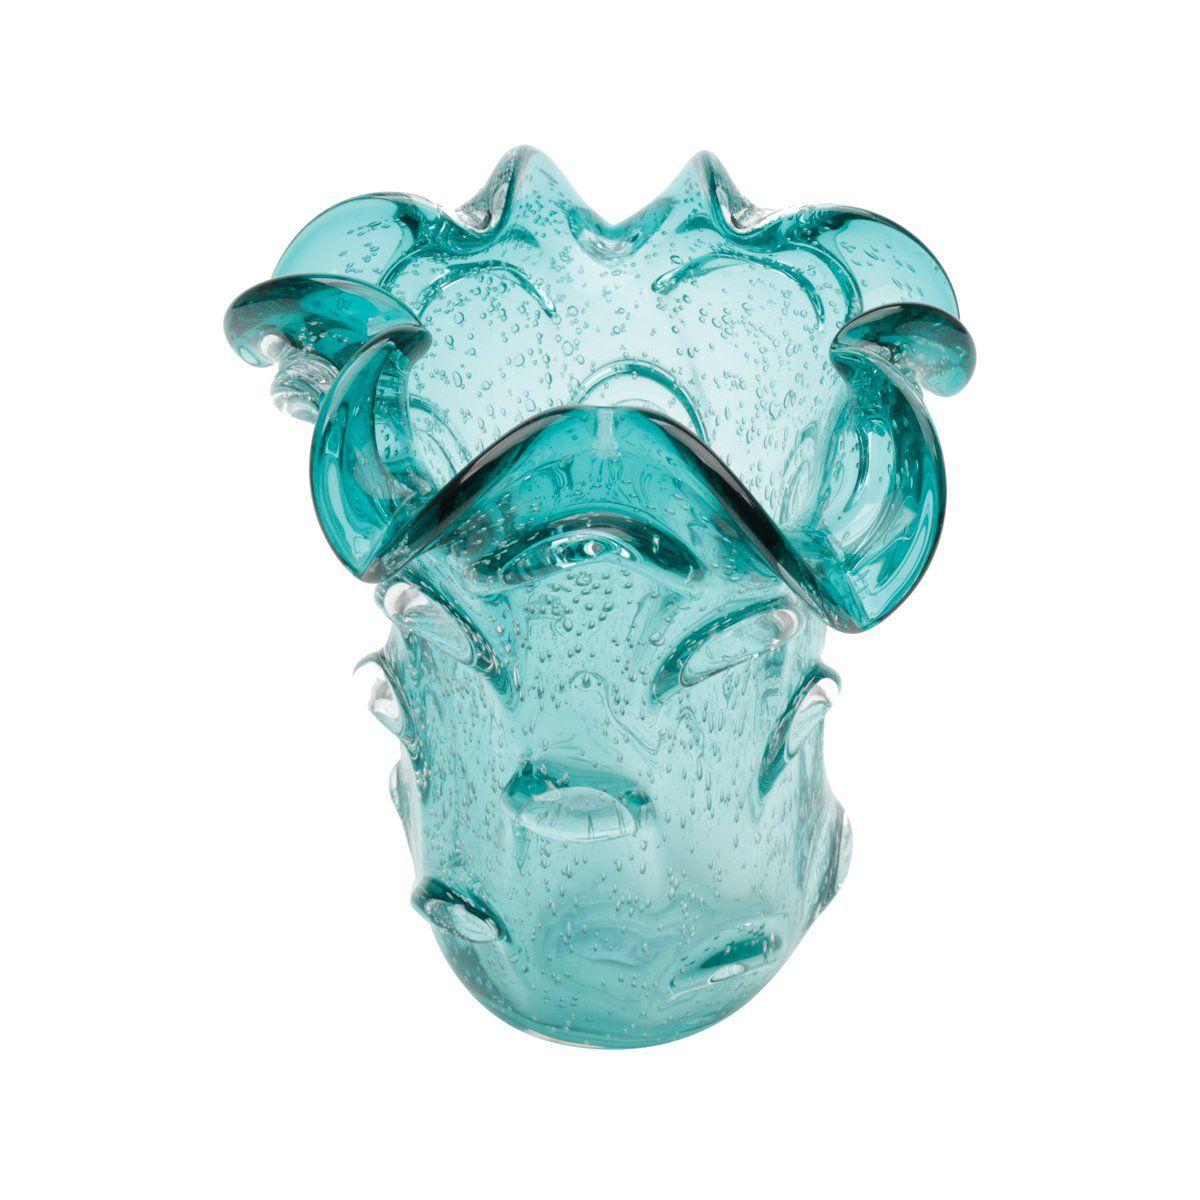 Vaso decorativo 24 cm de vidro azul tiffany Italy Lyor - L4150